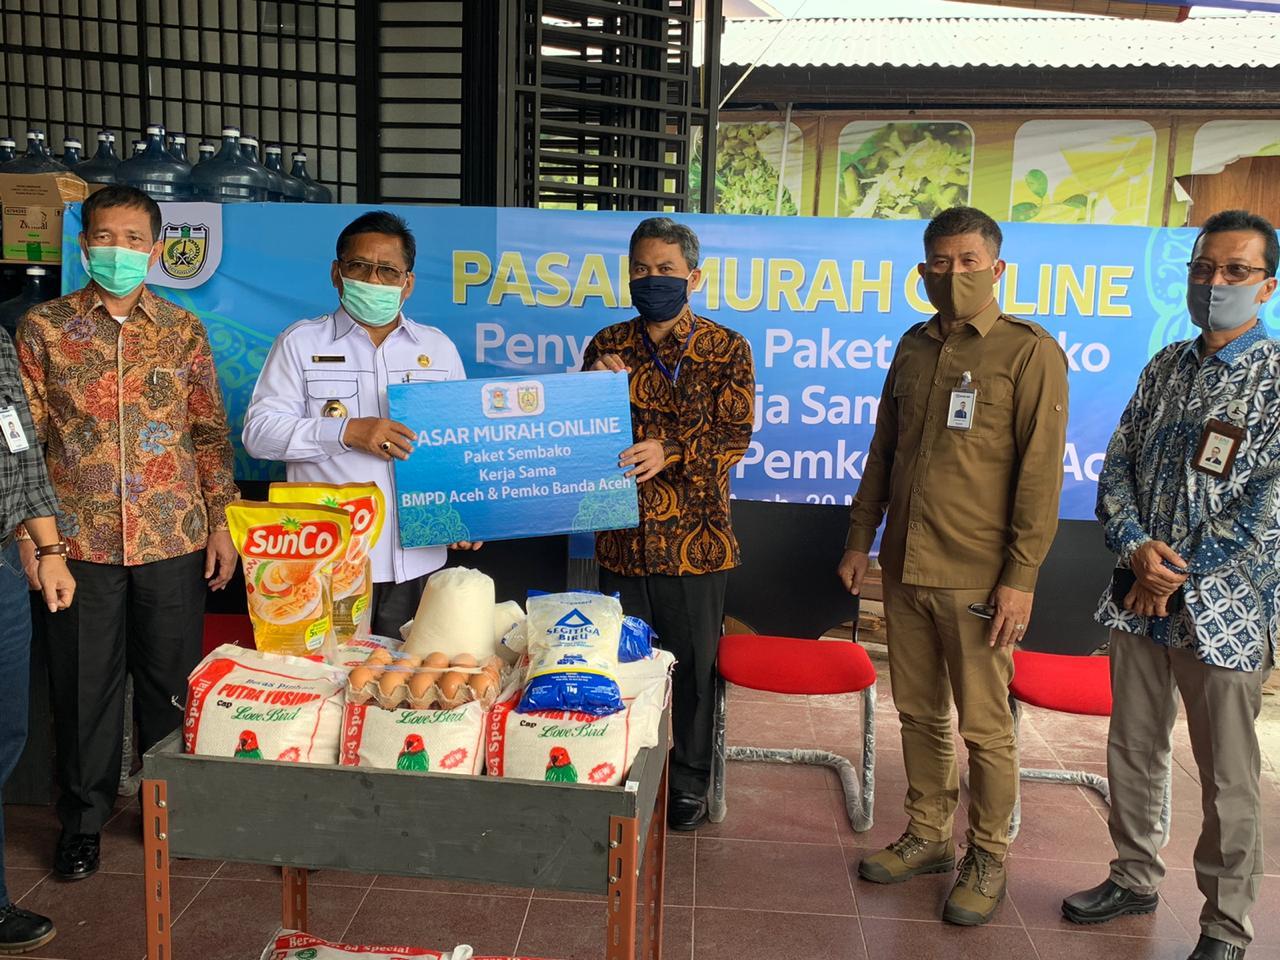 Gandeng BMPD, Wali Kota Buka Pasar Murah Online Tahap III